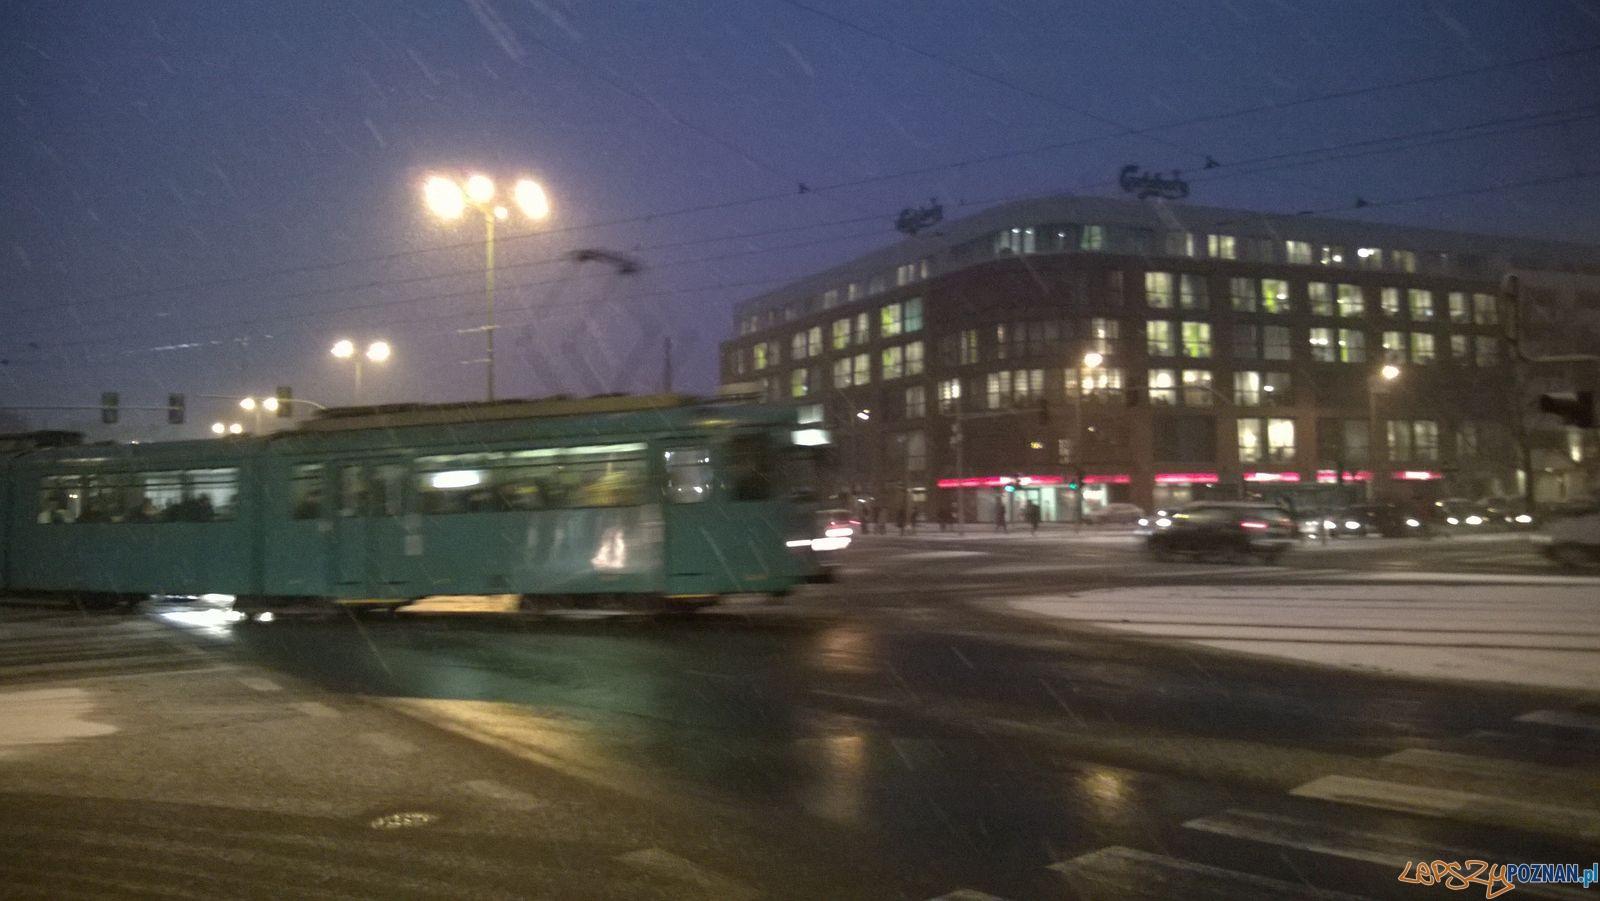 Zima w Poznaniu - Garbary